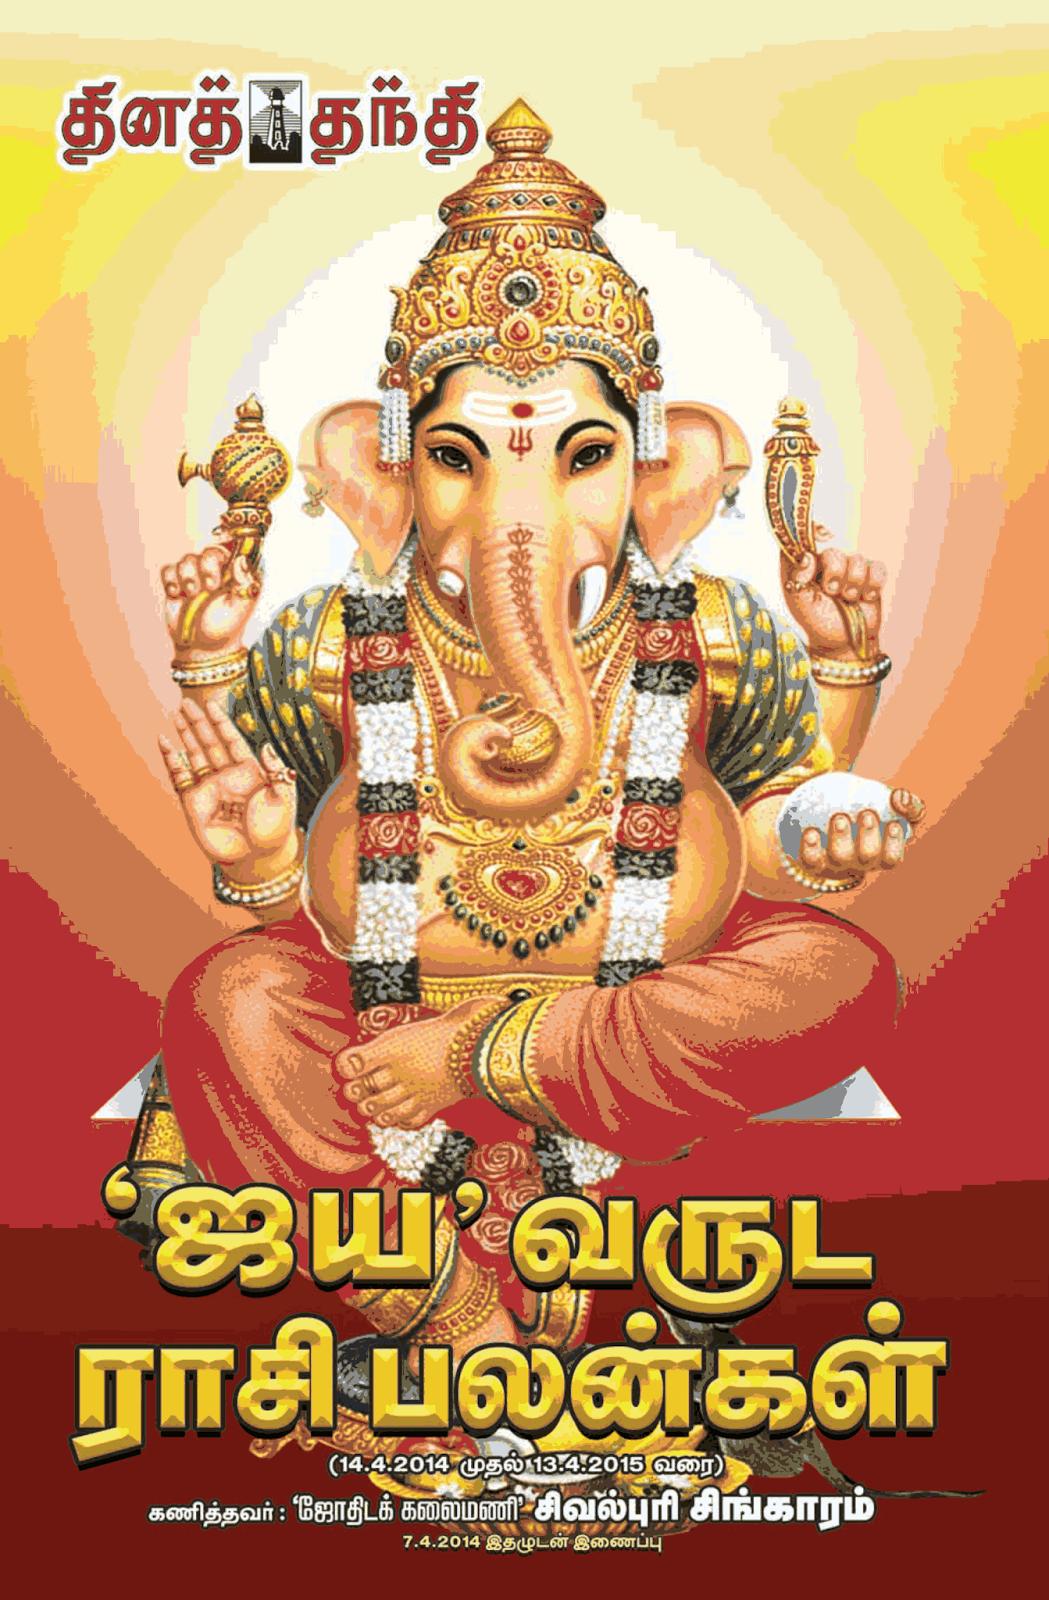 தமிழ் புத்தாண்டு பலன்கள் 14.4.2014 முதல் 13.4.2015 வரை  Viewer